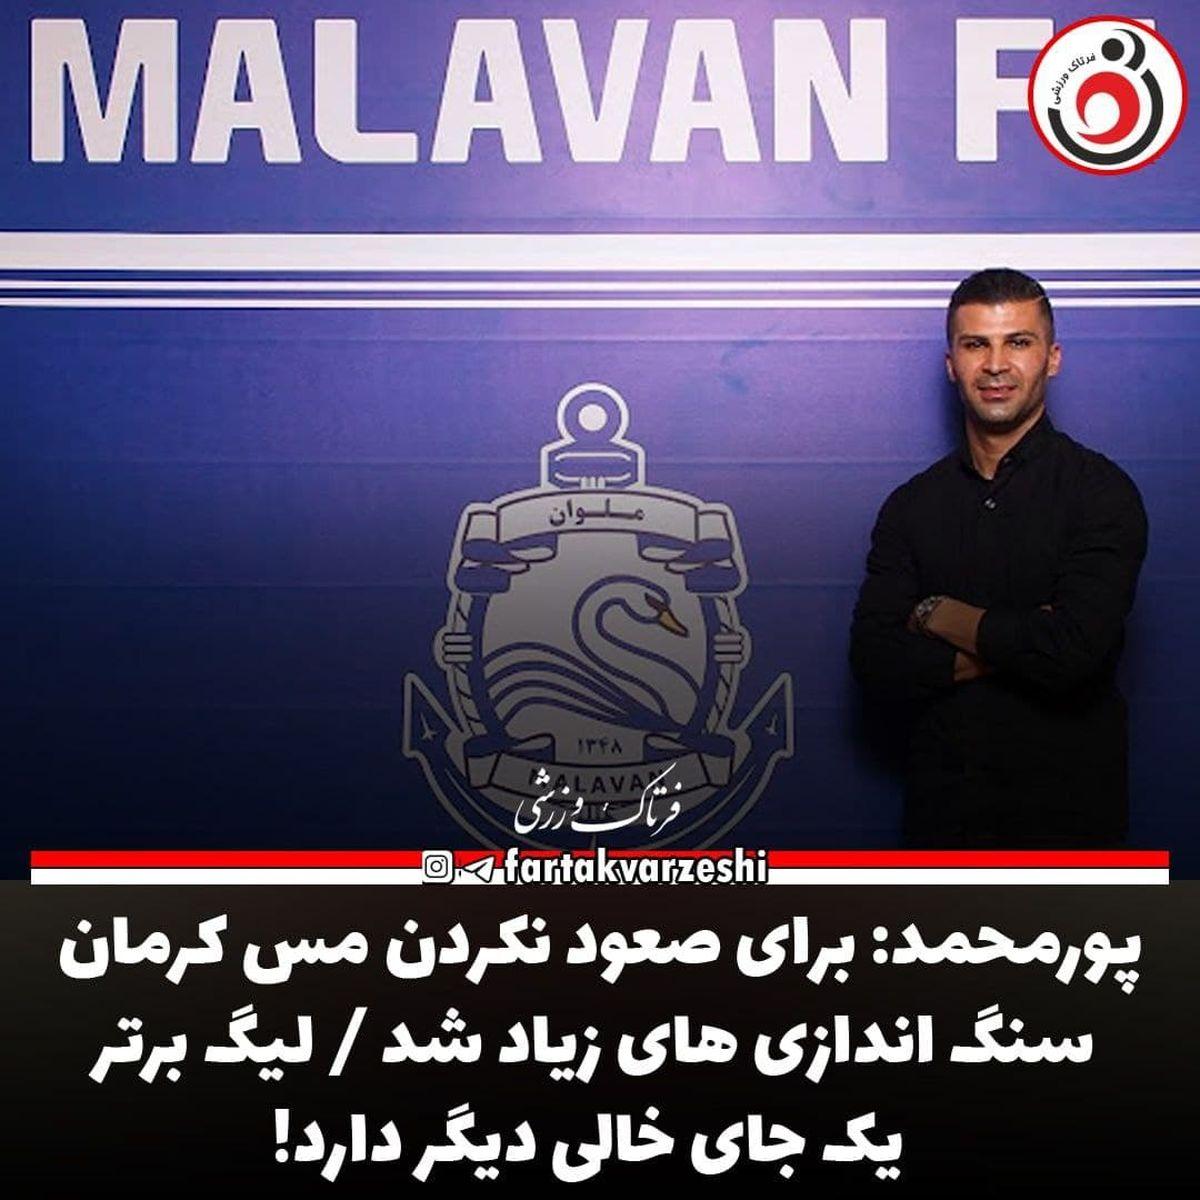 پورمحمد: برای صعود نکردن مس کرمان سنگ اندازی های زیاد شد / لیگ برتر یک جای خالی دیگر دارد!